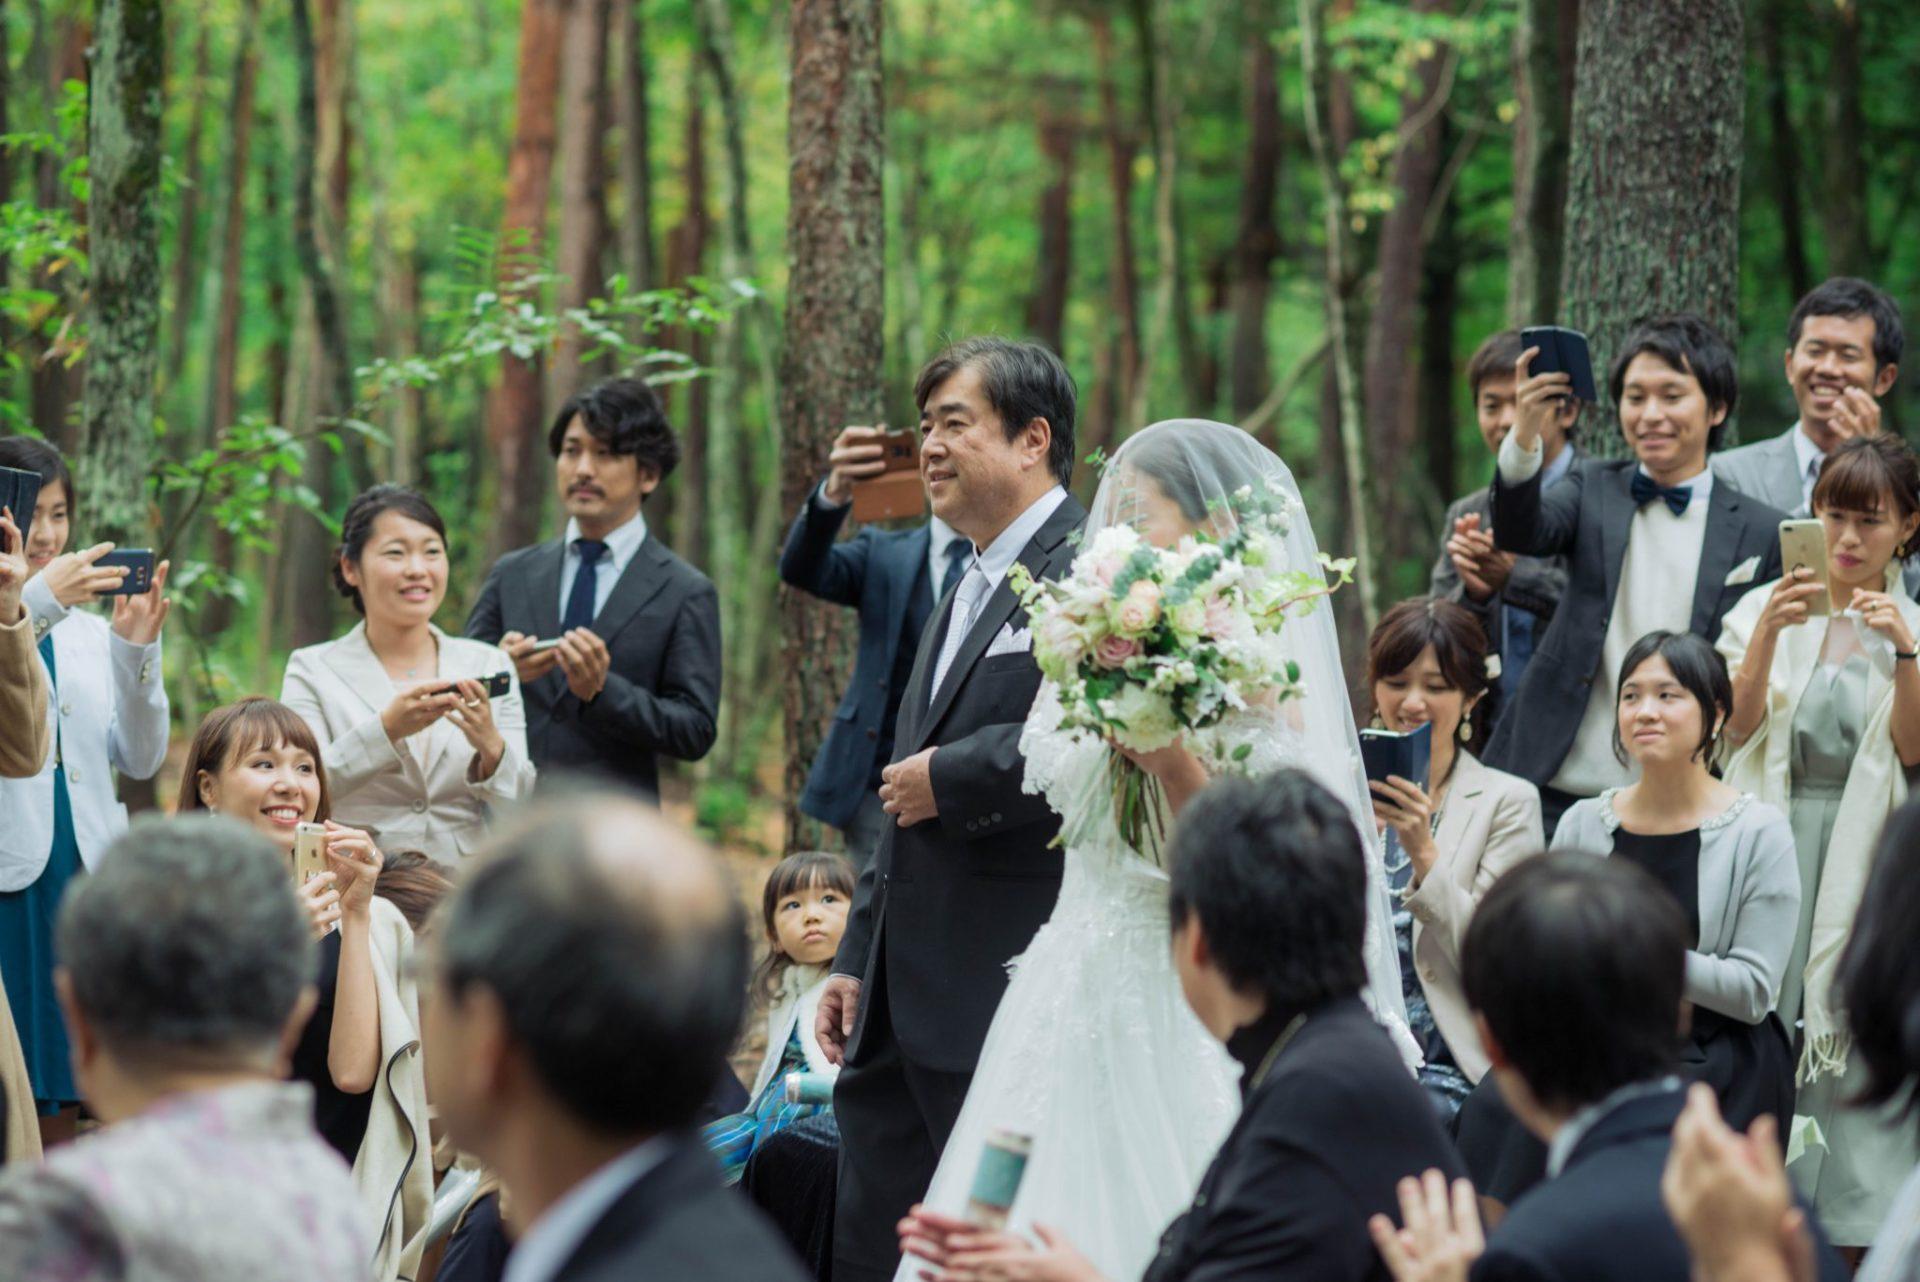 べるが(verga)での結婚式-新婦入場